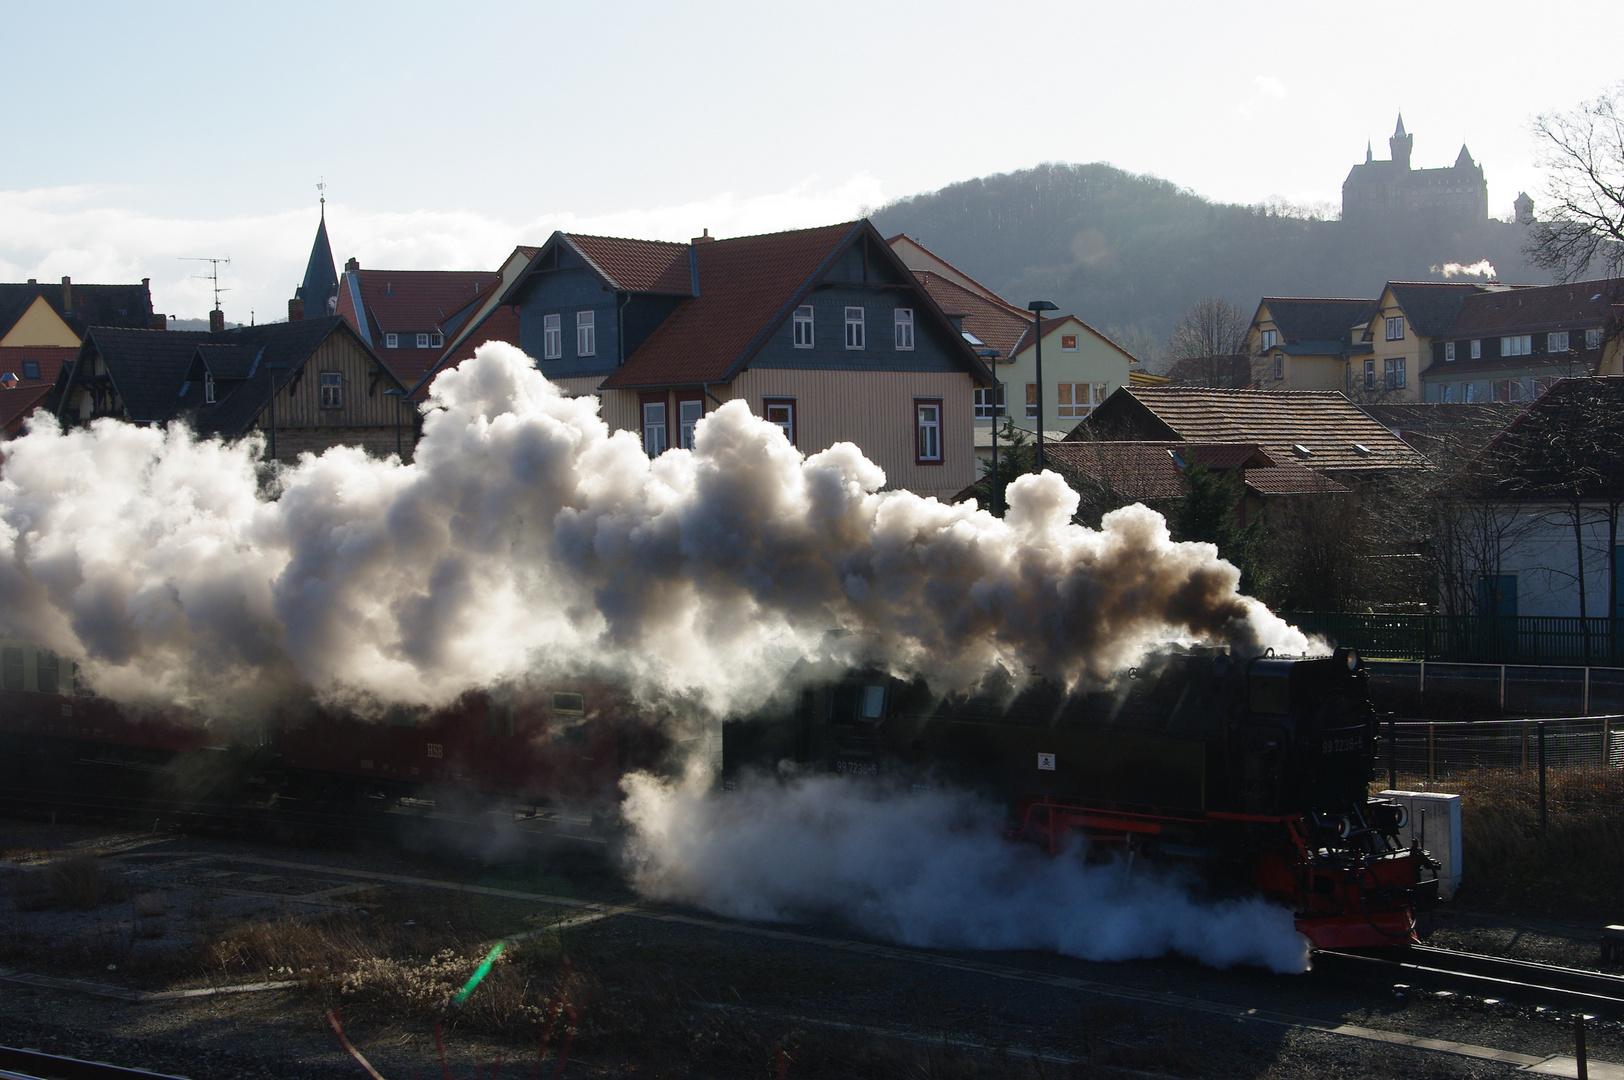 Ausfahrt Wernigerode / Harzquerbahn